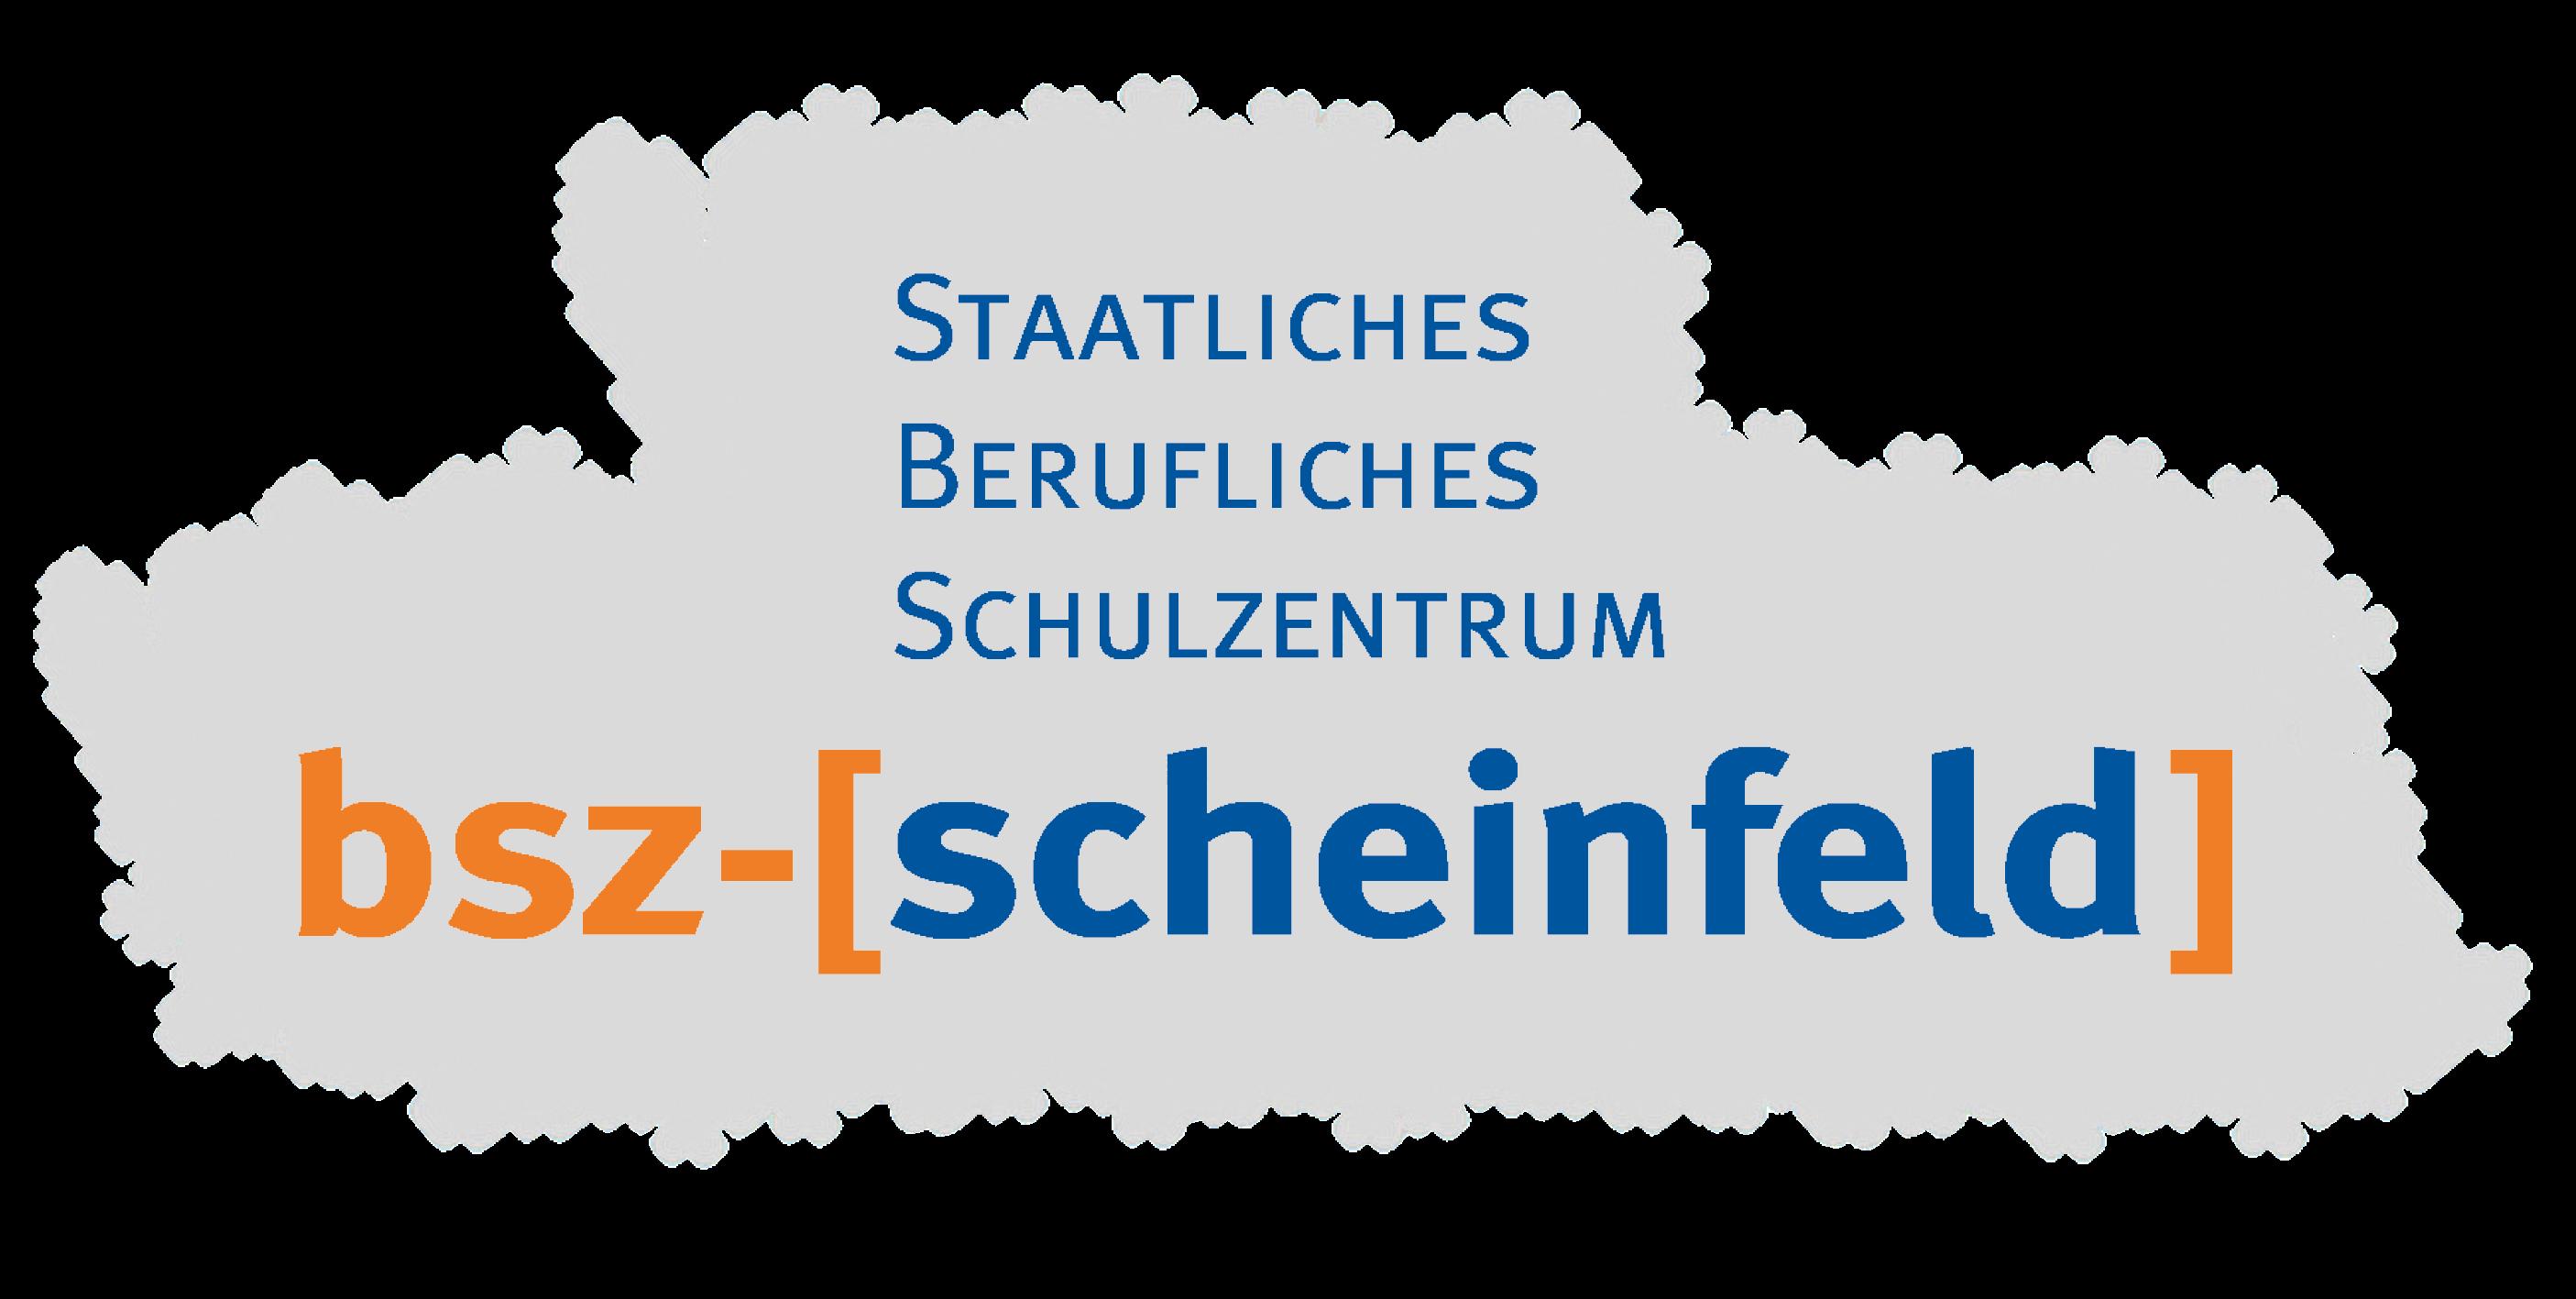 Logo bsz-schfeinfeld